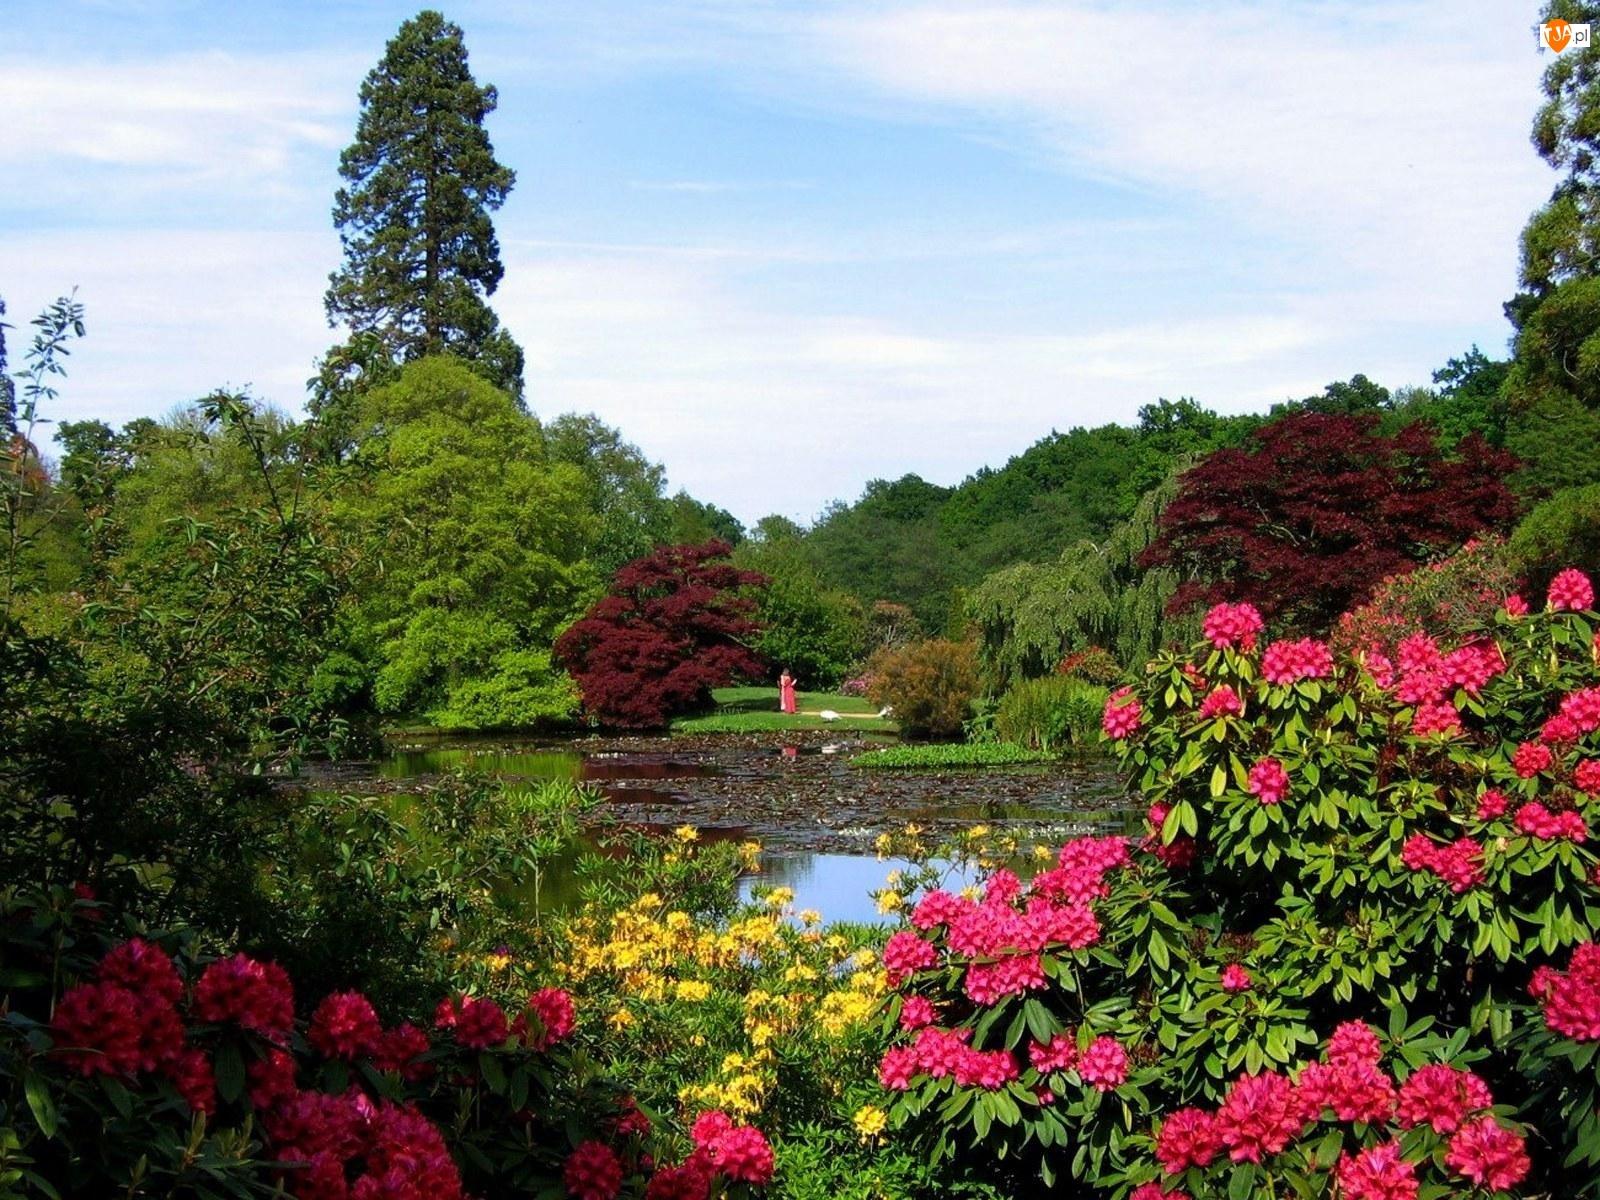 Ogród, Ozdobne, Rododendrony, Krzewy